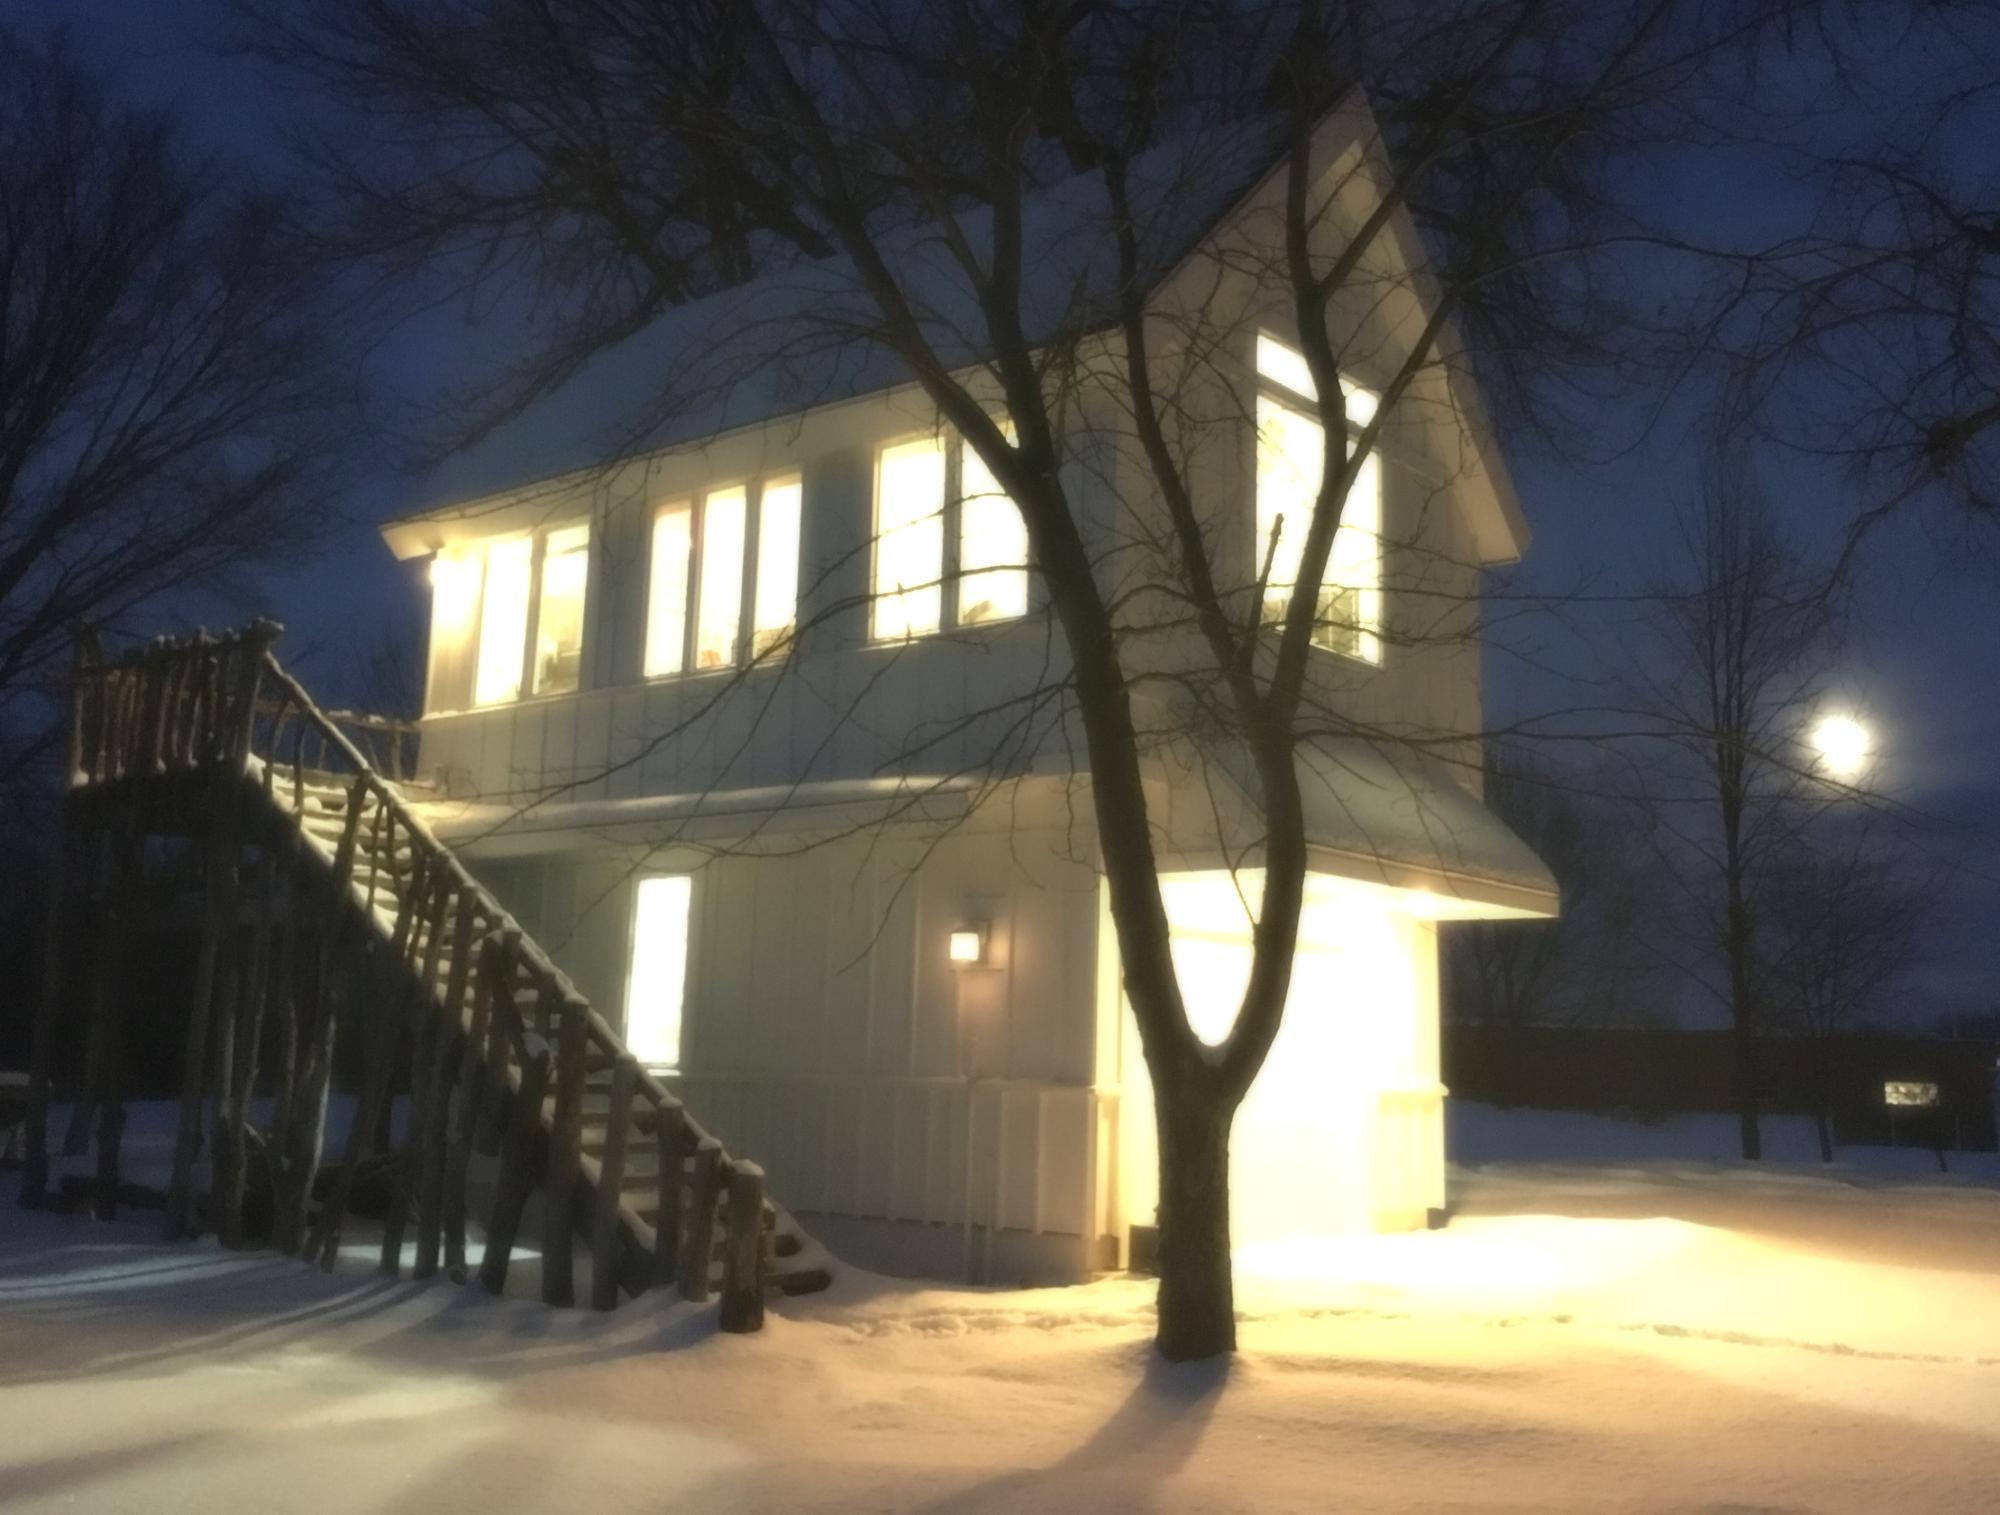 Philip Stahl, AIA -  Architecture Studio  - Hawley MN